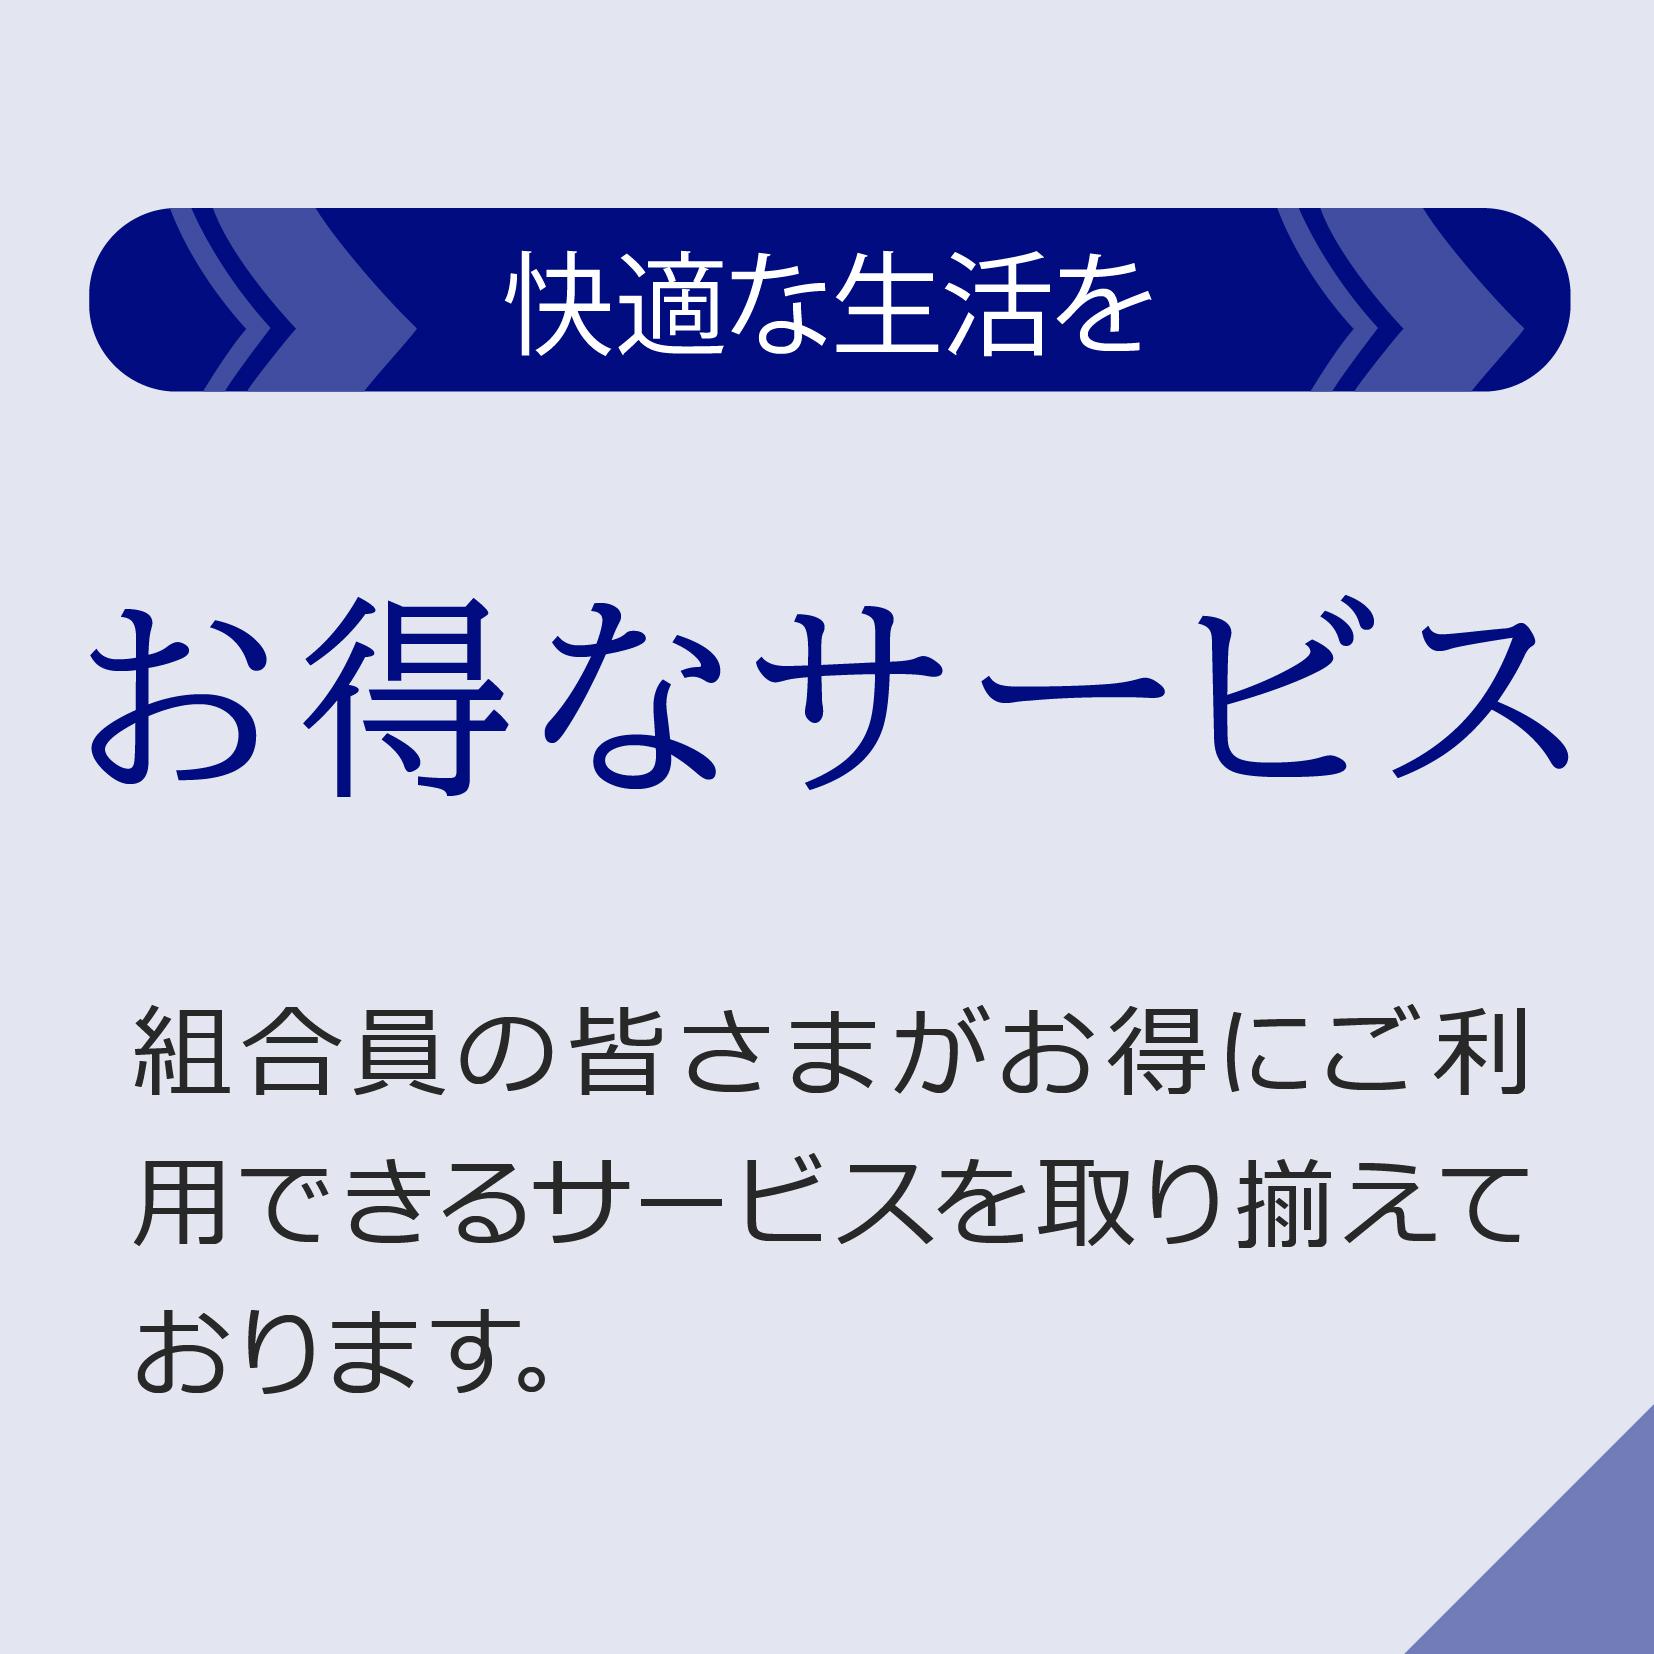 徳島県学校生活協同組合